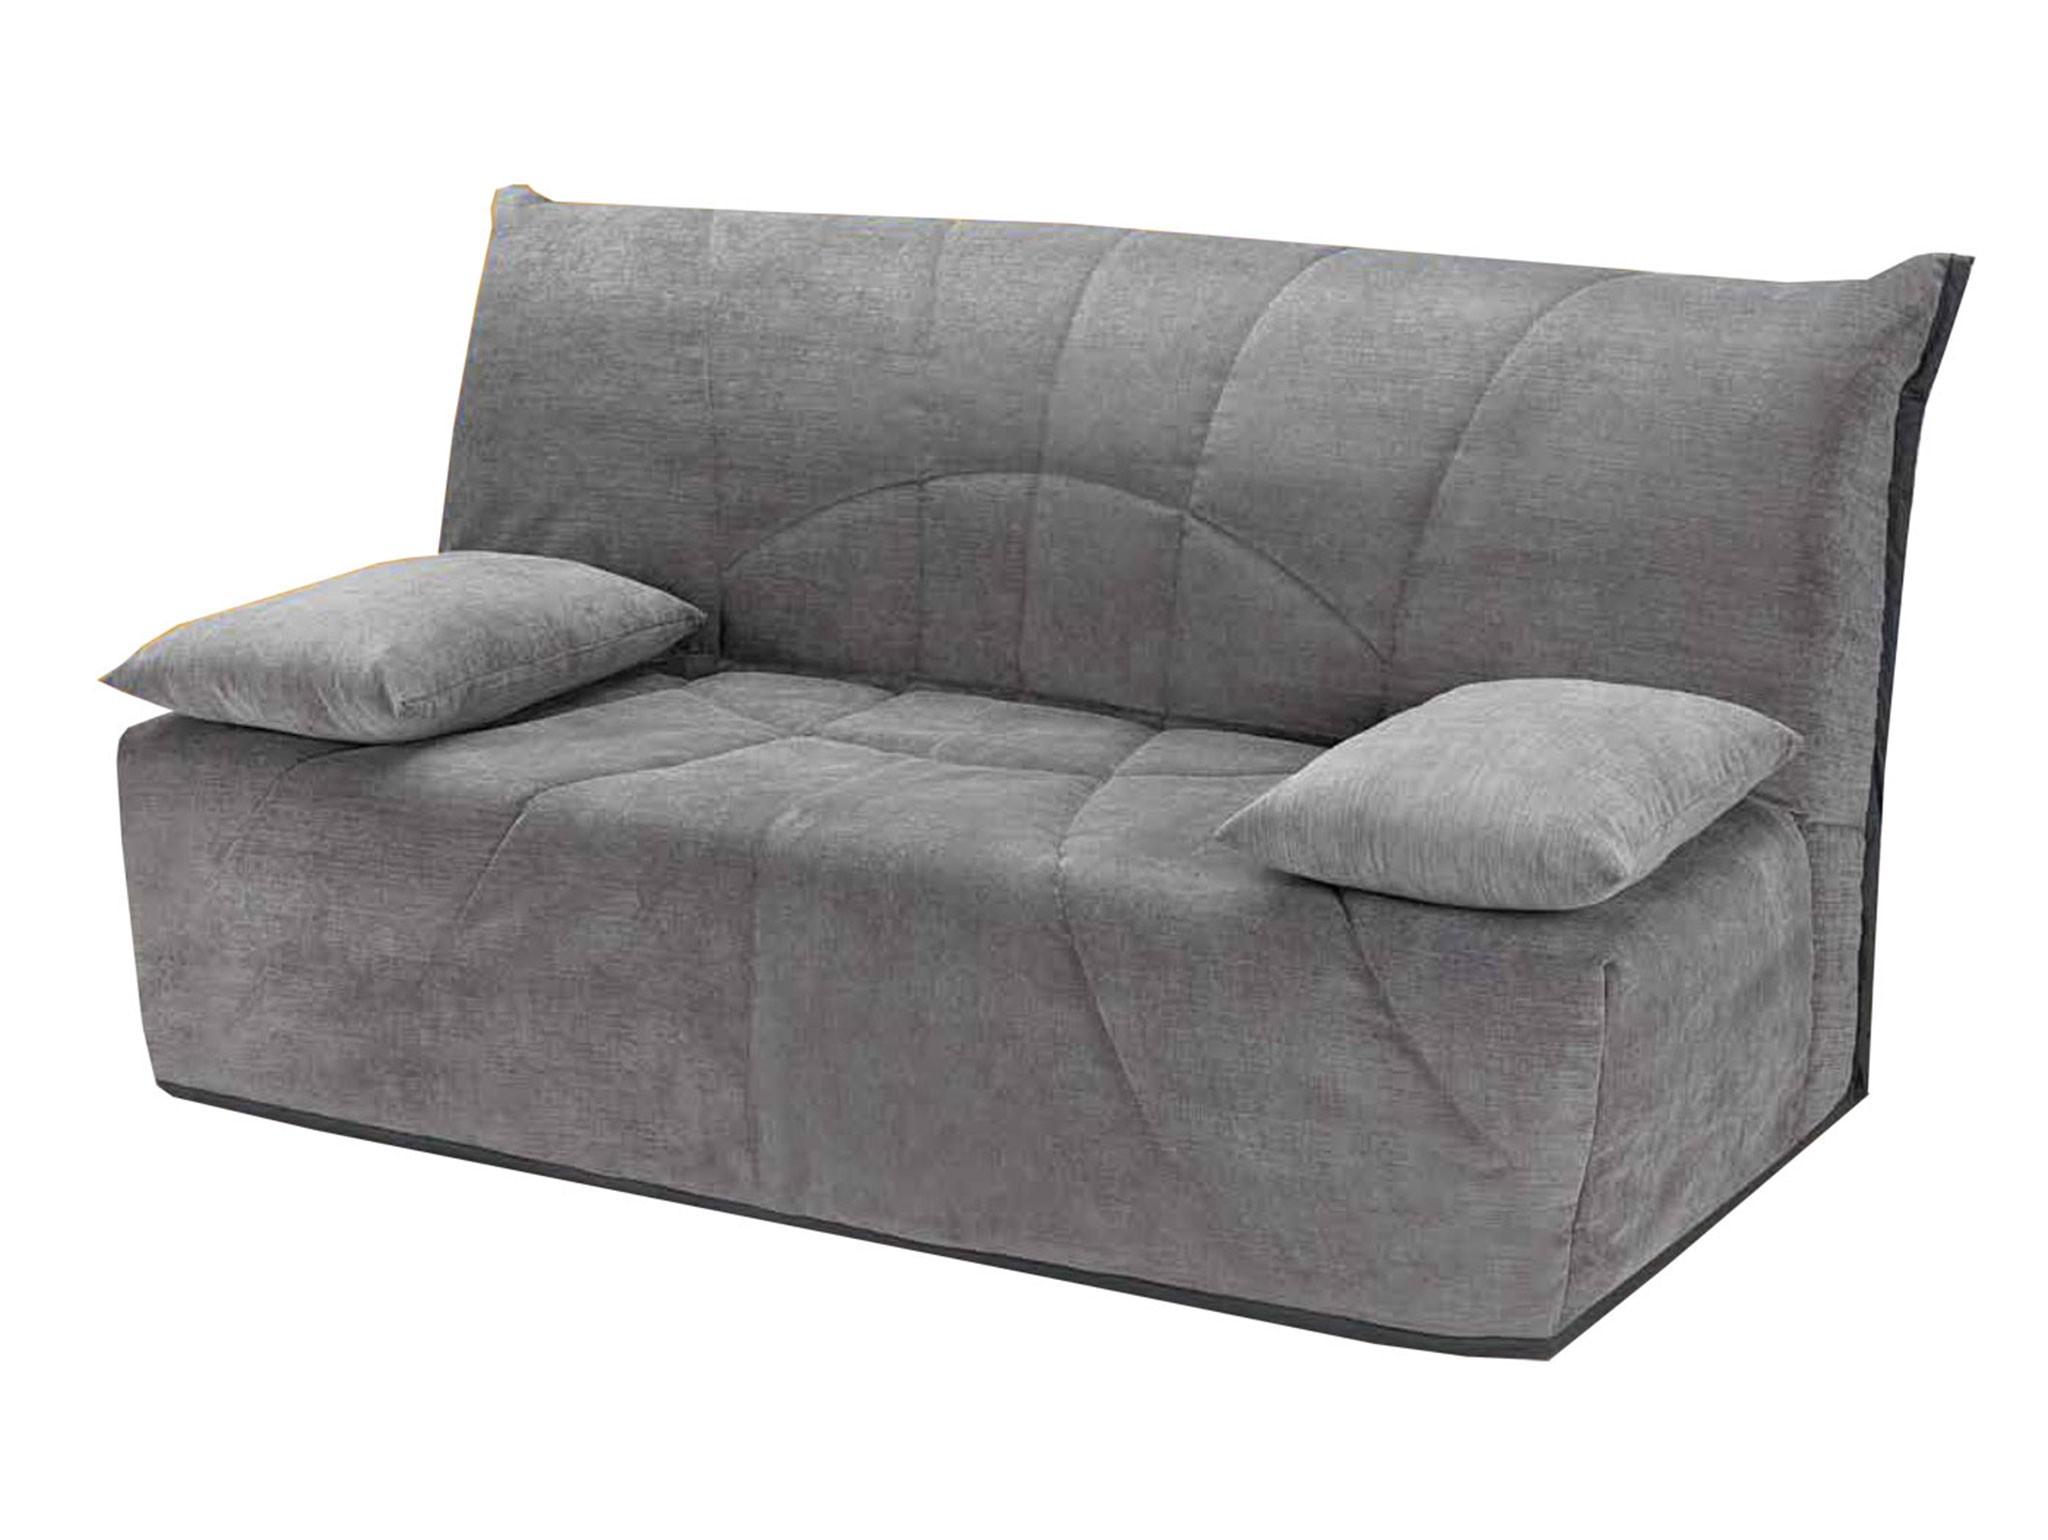 Housse De Canapé Ikea Sur Mesure